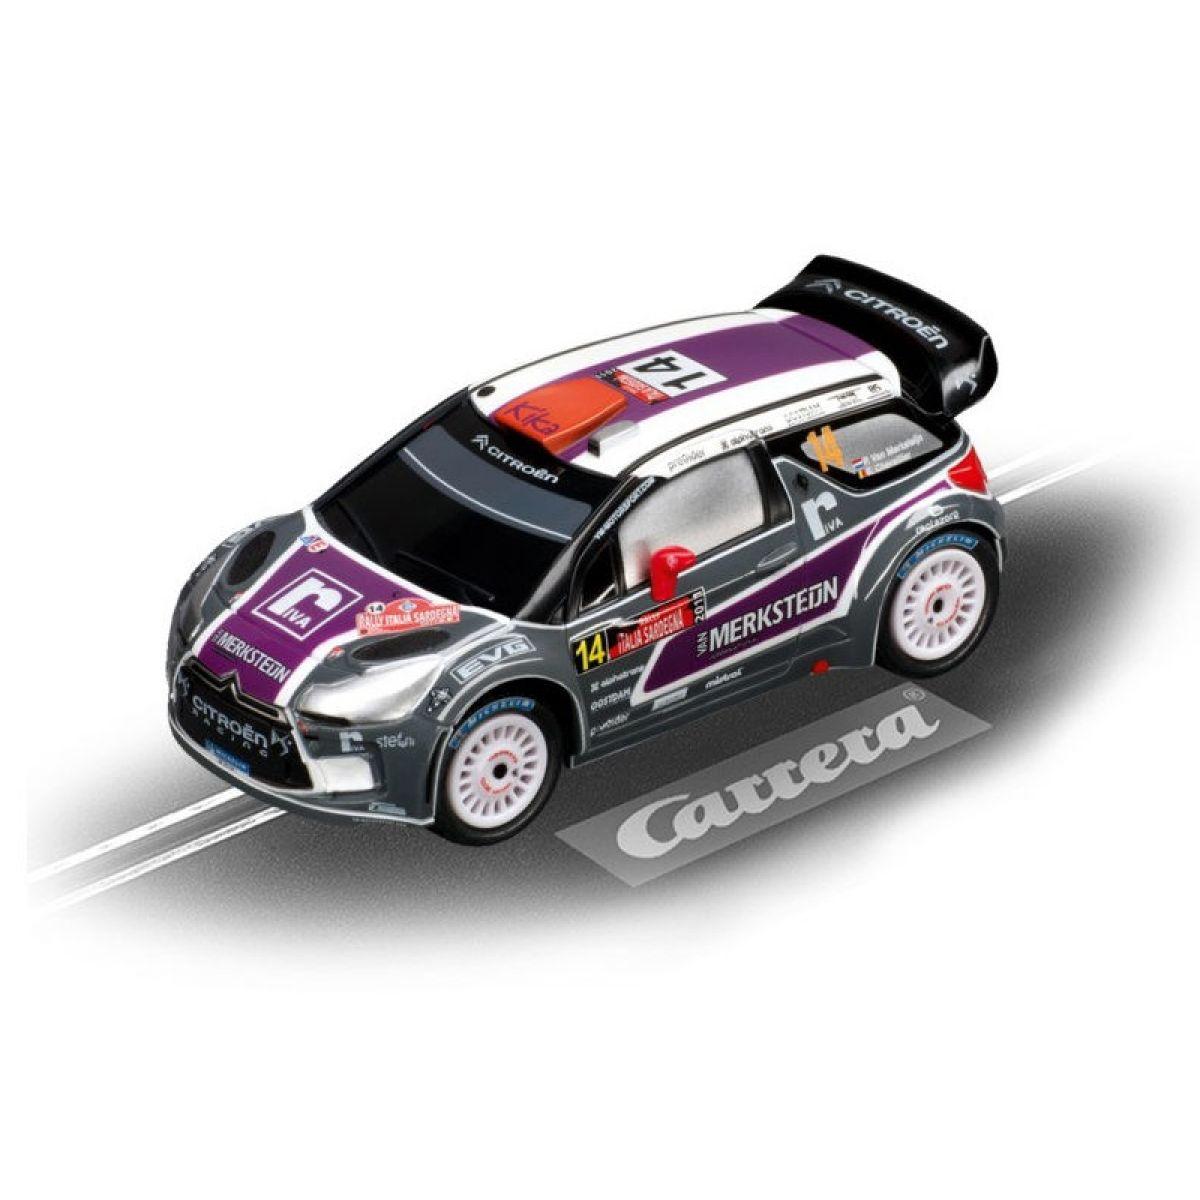 Carrera GO! Citroen DS3 WRC van Merksteijn Motorsport